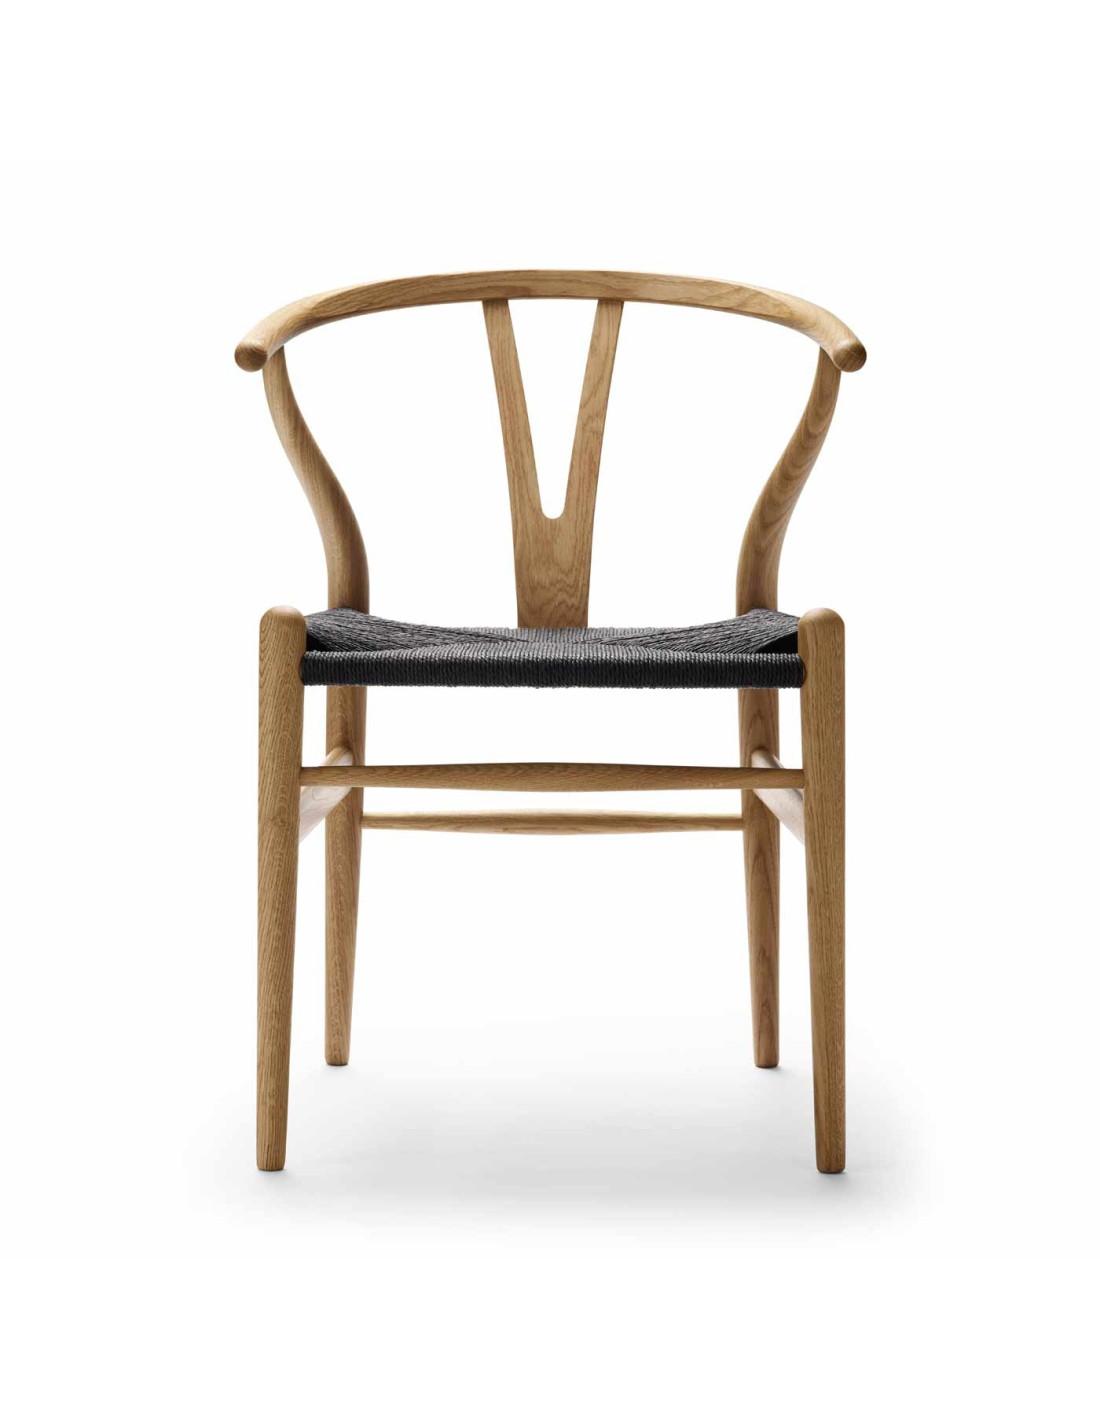 chaise ch24 wishbone design hans wegner pour carl hansen la boutique danoise. Black Bedroom Furniture Sets. Home Design Ideas